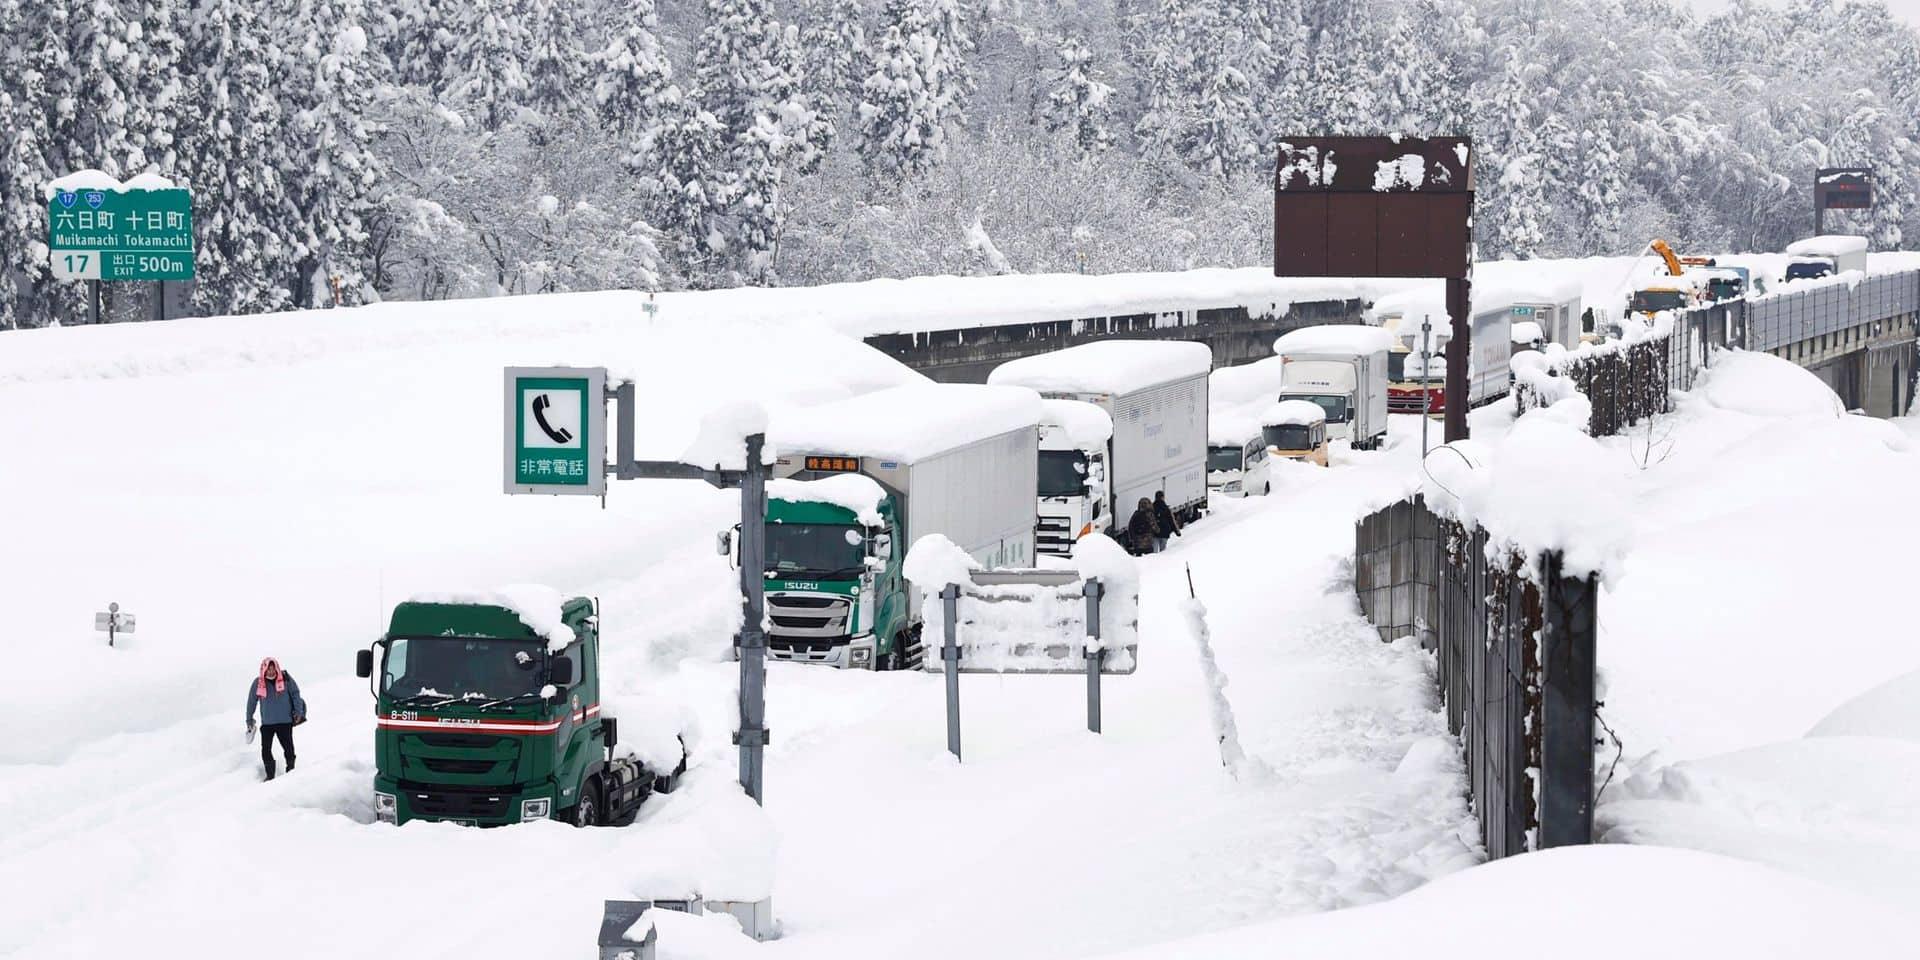 Une tempête hivernale frappe le Japon: 8 morts et 240 blessés